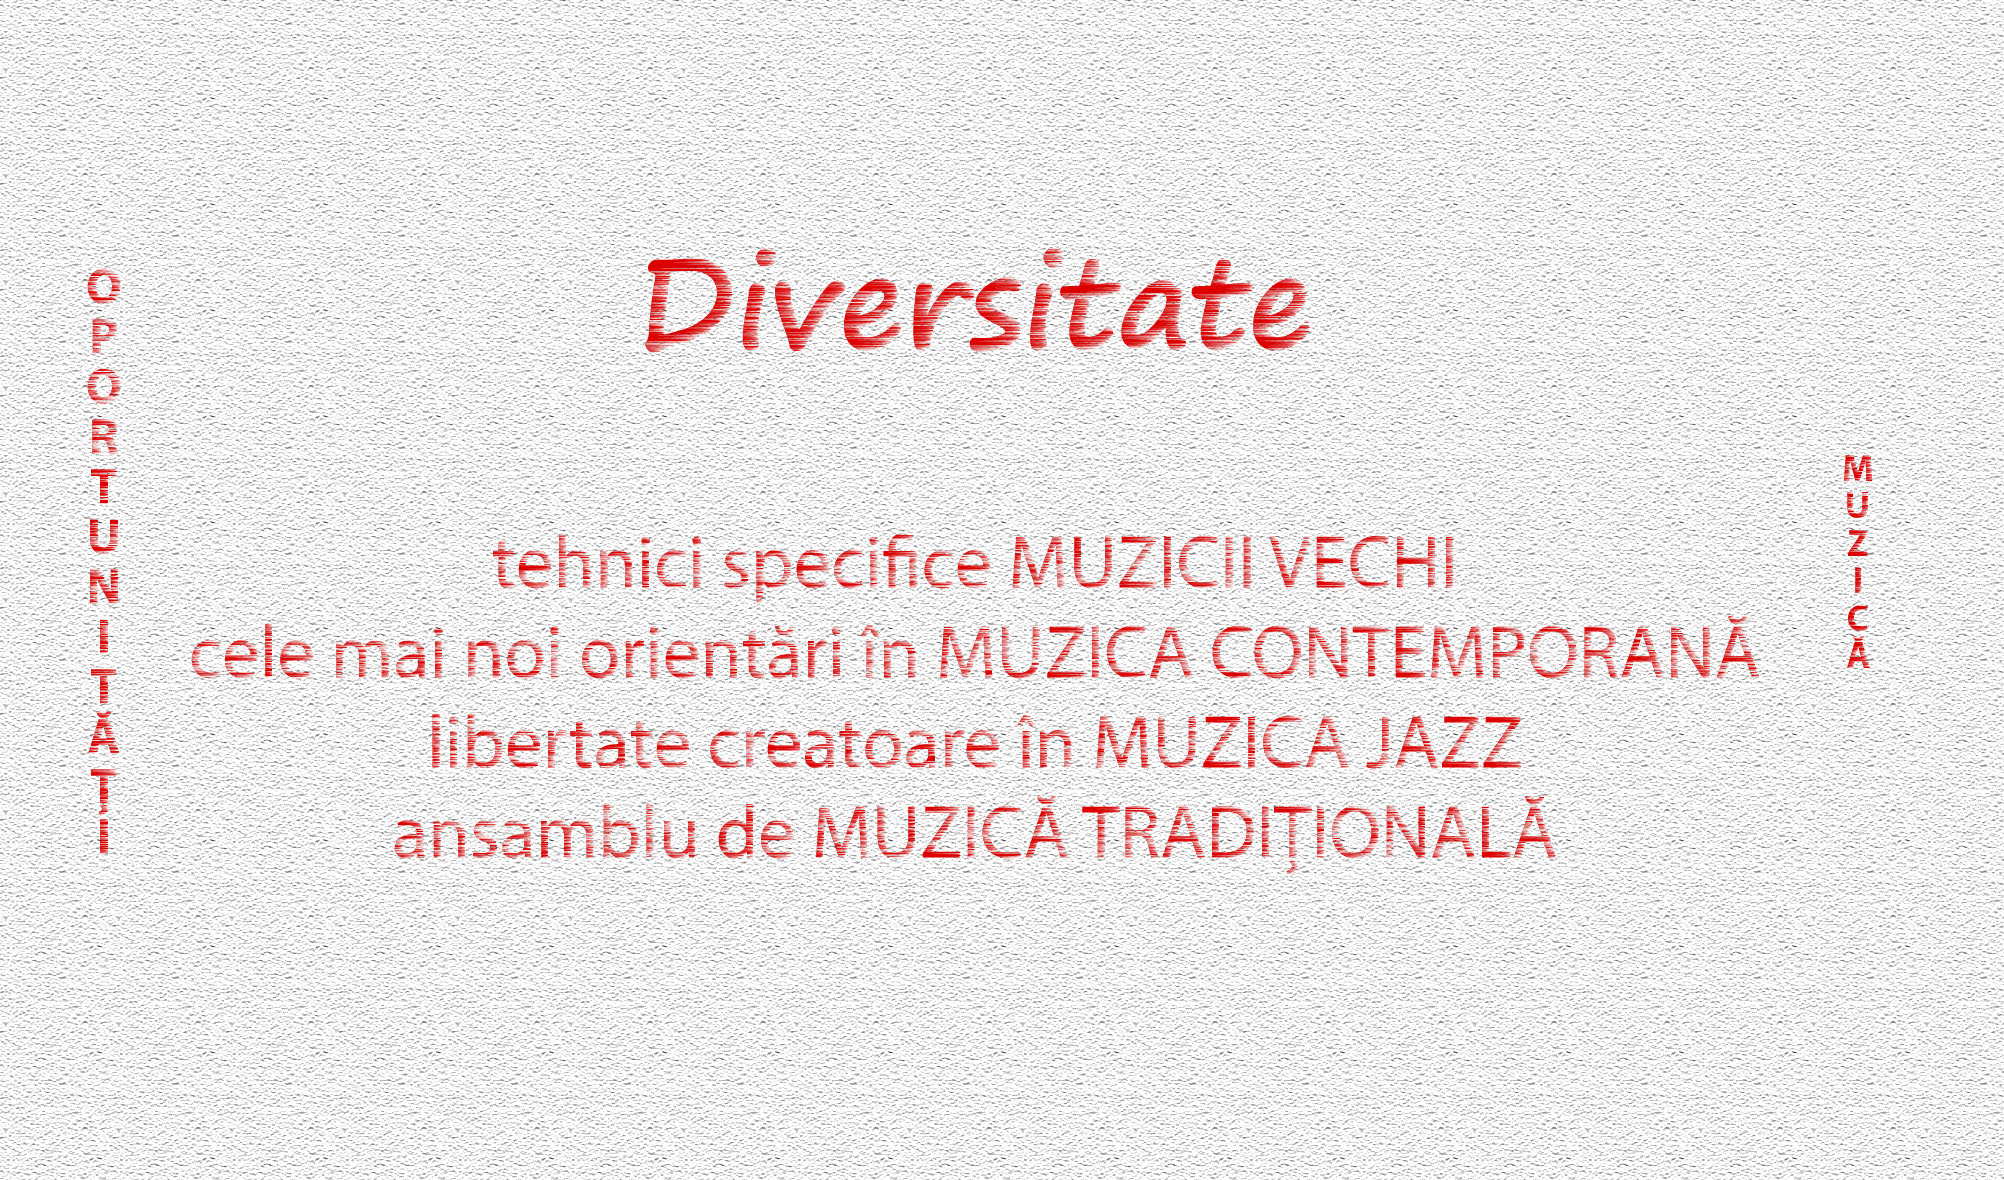 Diversitate